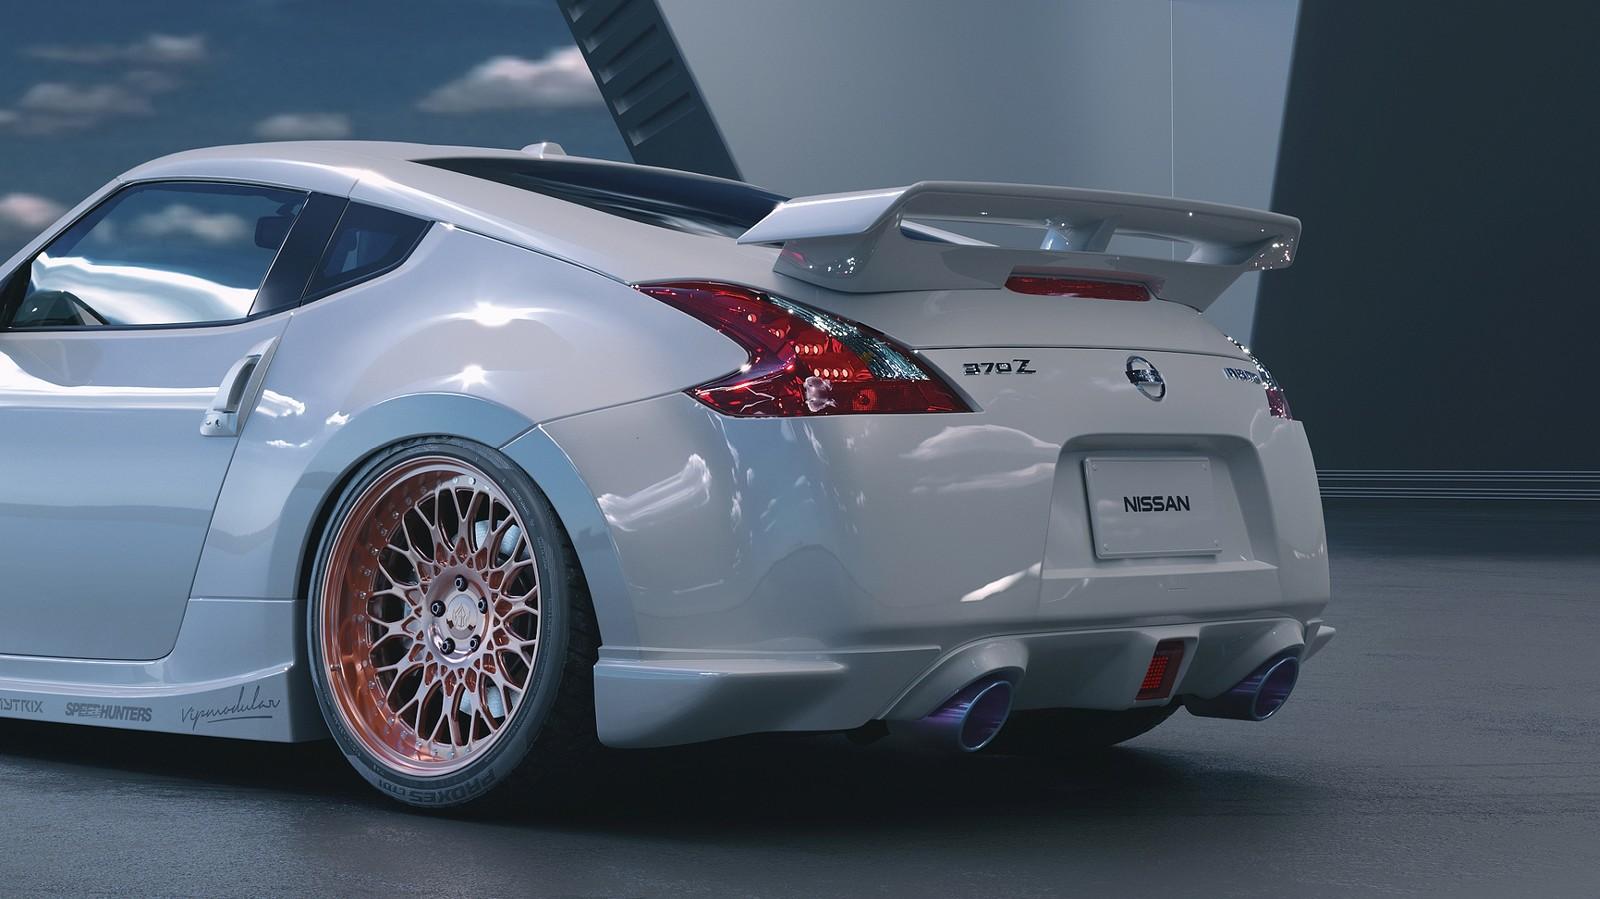 Nissan 370z - CGI